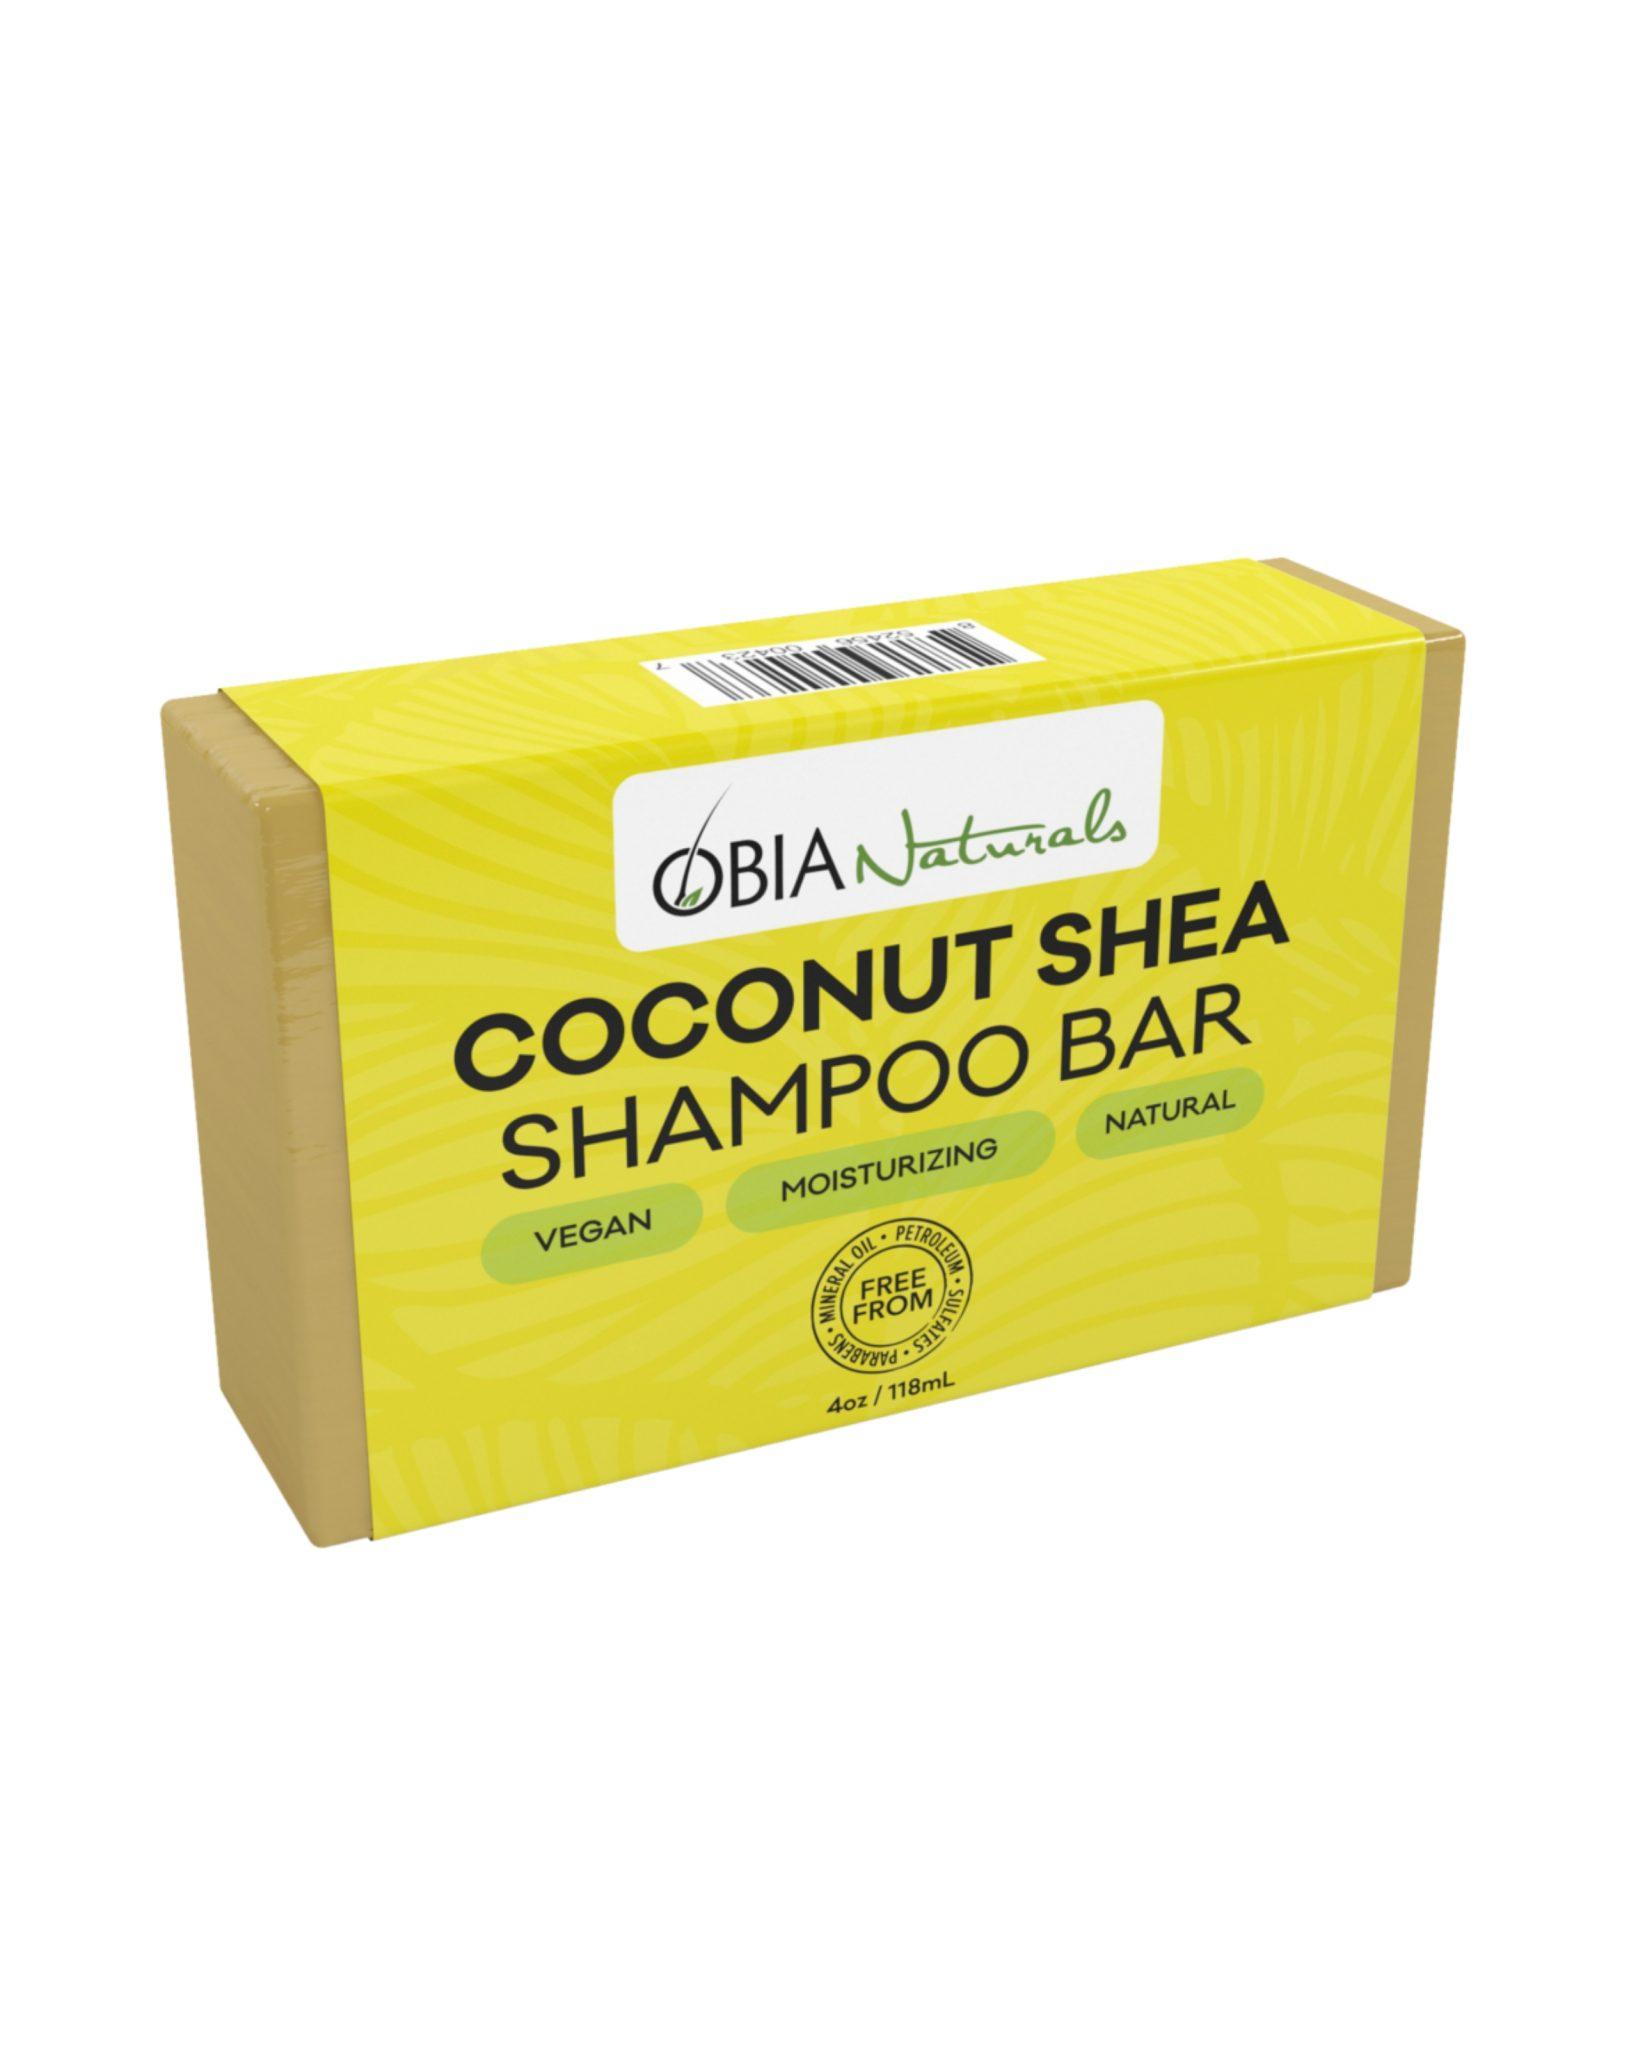 OBIA Naturals Coconut Shea Shampoo Bar 4Oz